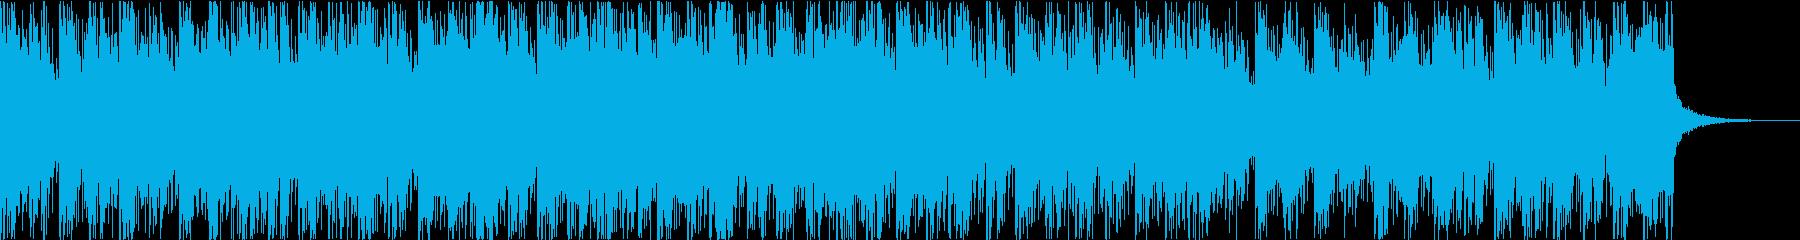 切ないサウンドのギターインストの再生済みの波形